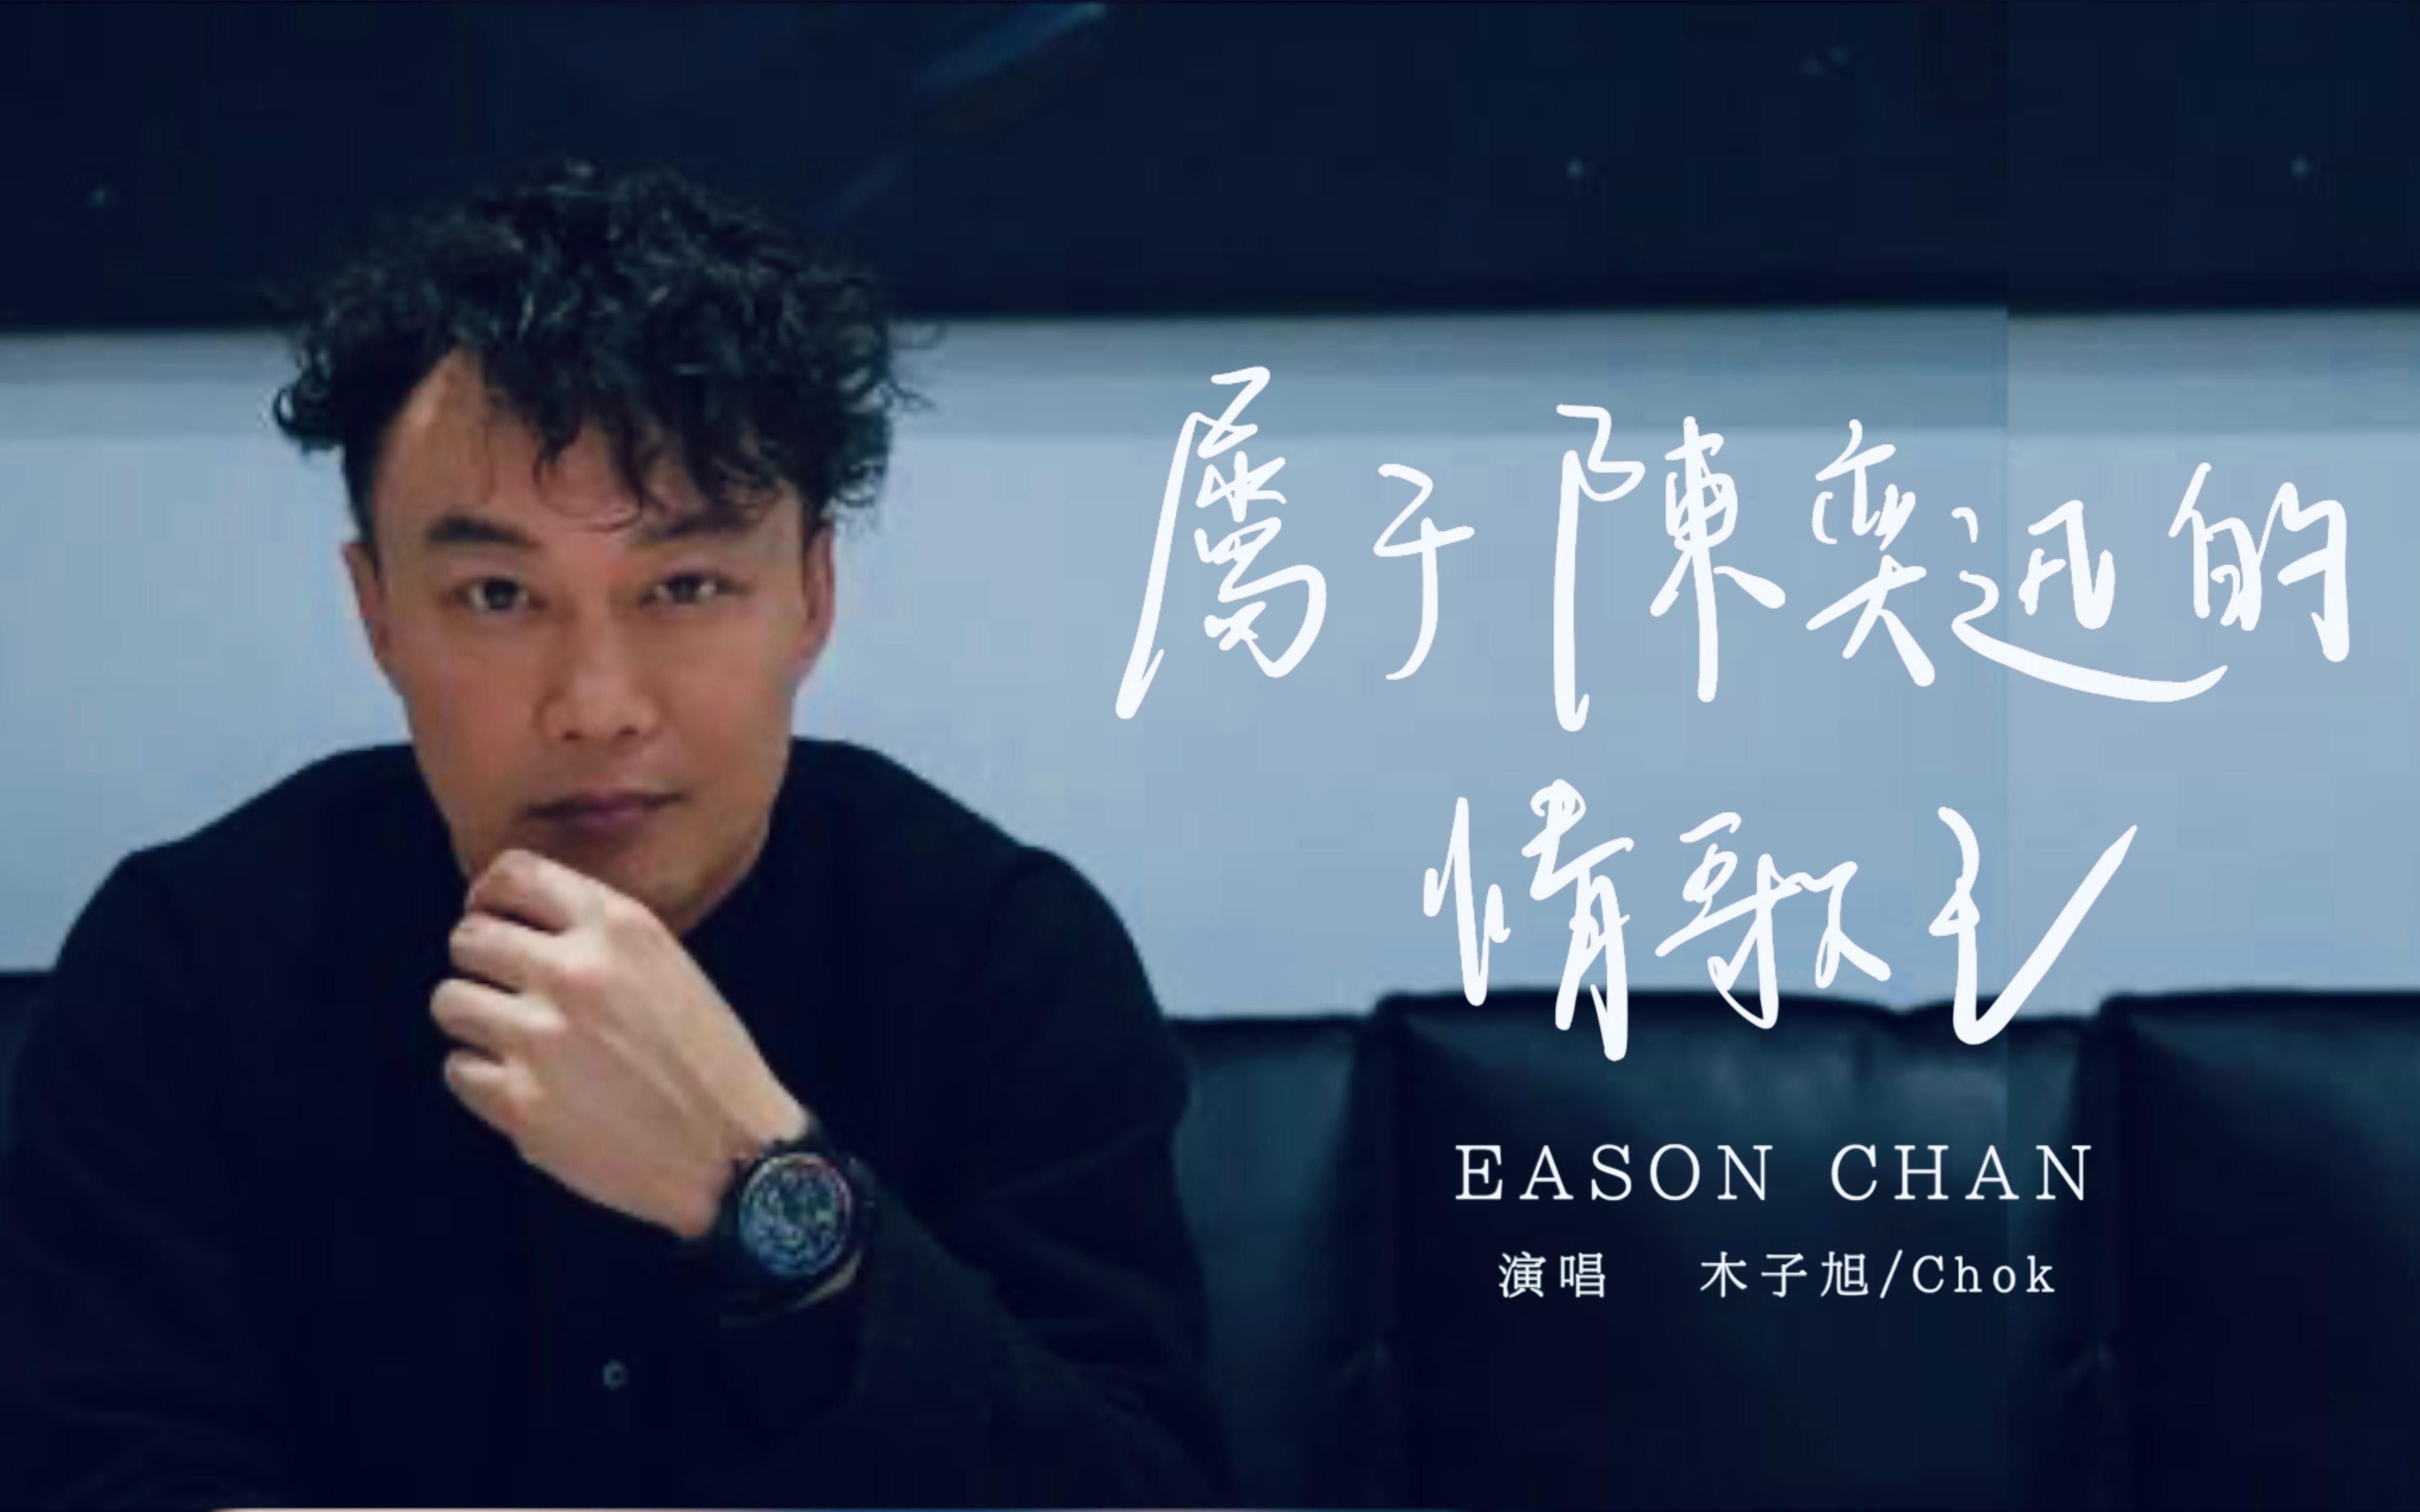 《属于陈奕迅的情歌王》你要感同身受的所有情绪, Eason的歌里都会有。